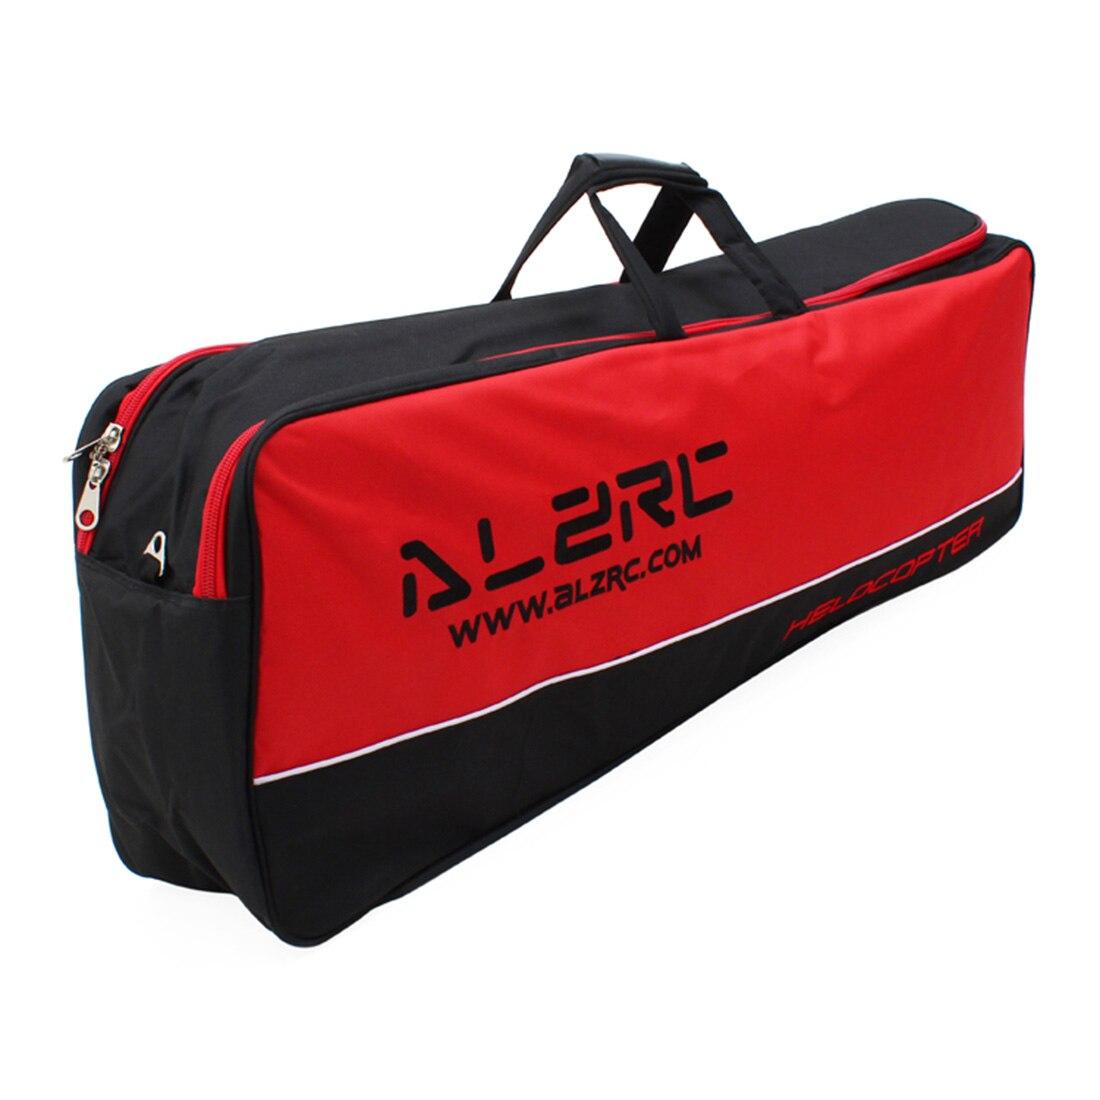 ALZRC Devil 505 быстро RC вертолет Запчасти новая сумка для переноски сумка рюкзак чехол коробка запасные части Аксессуары HOT2505A